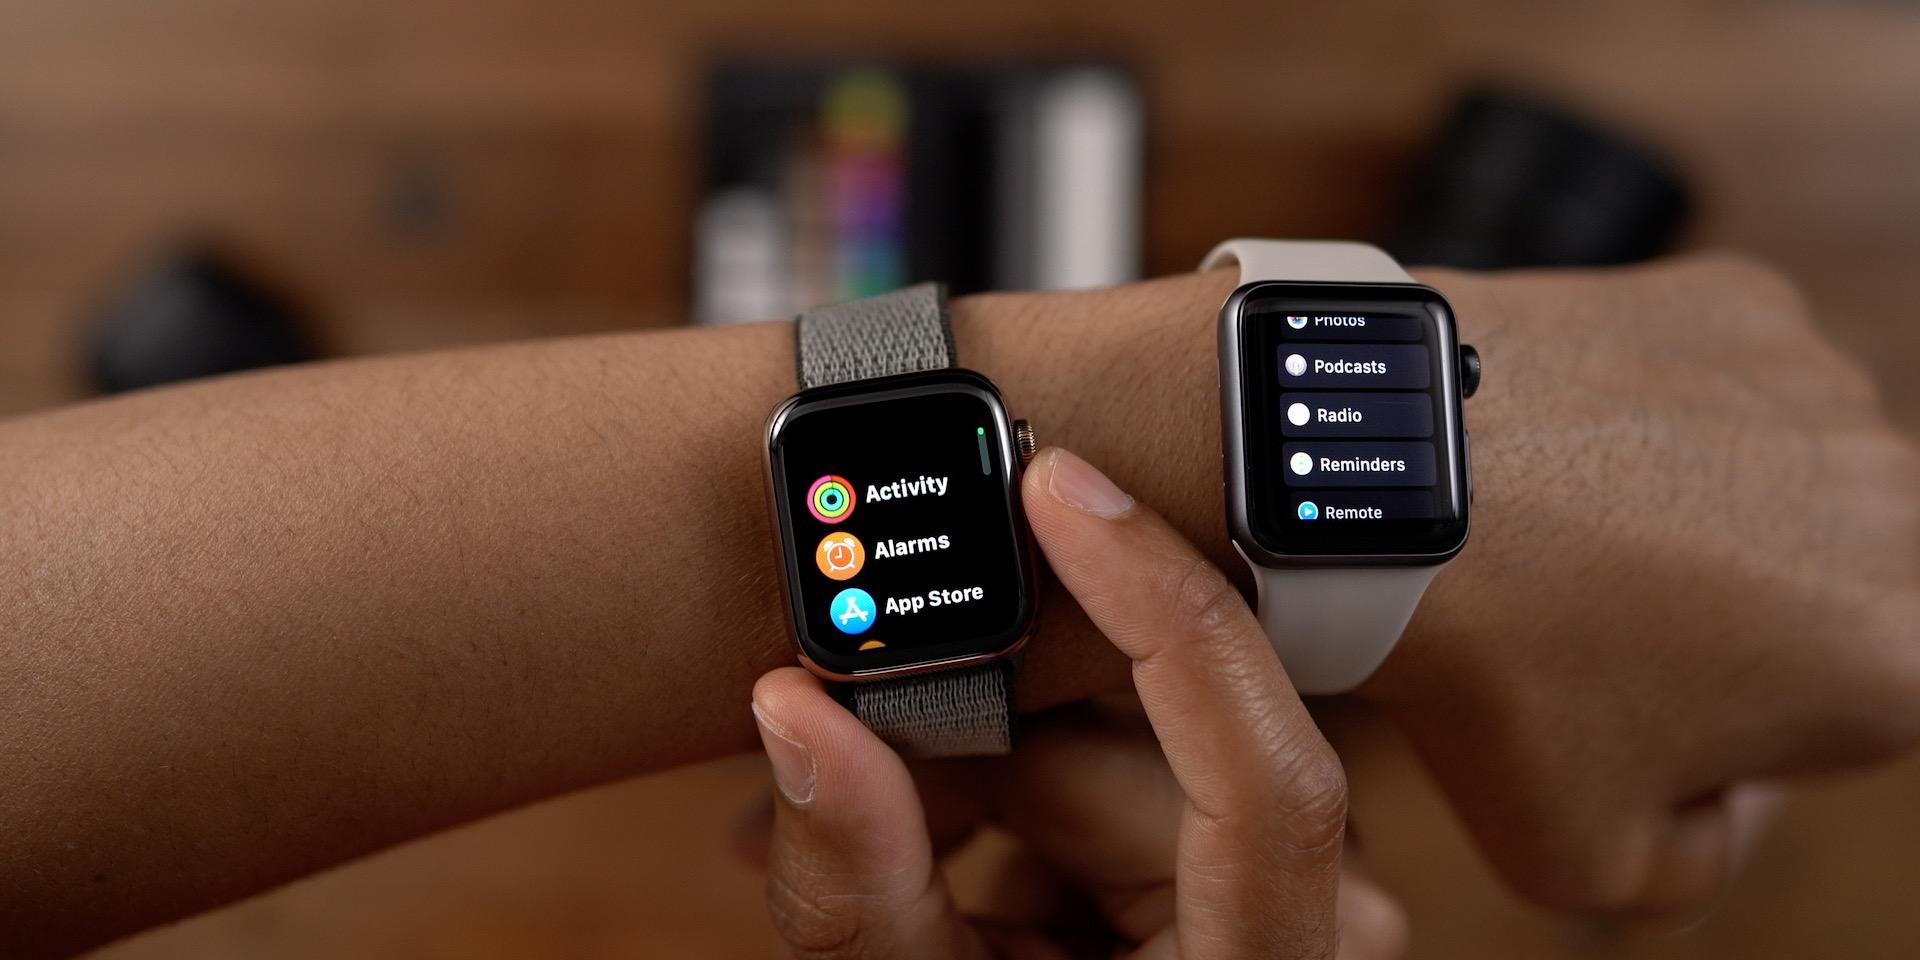 New list view design watchOS 6